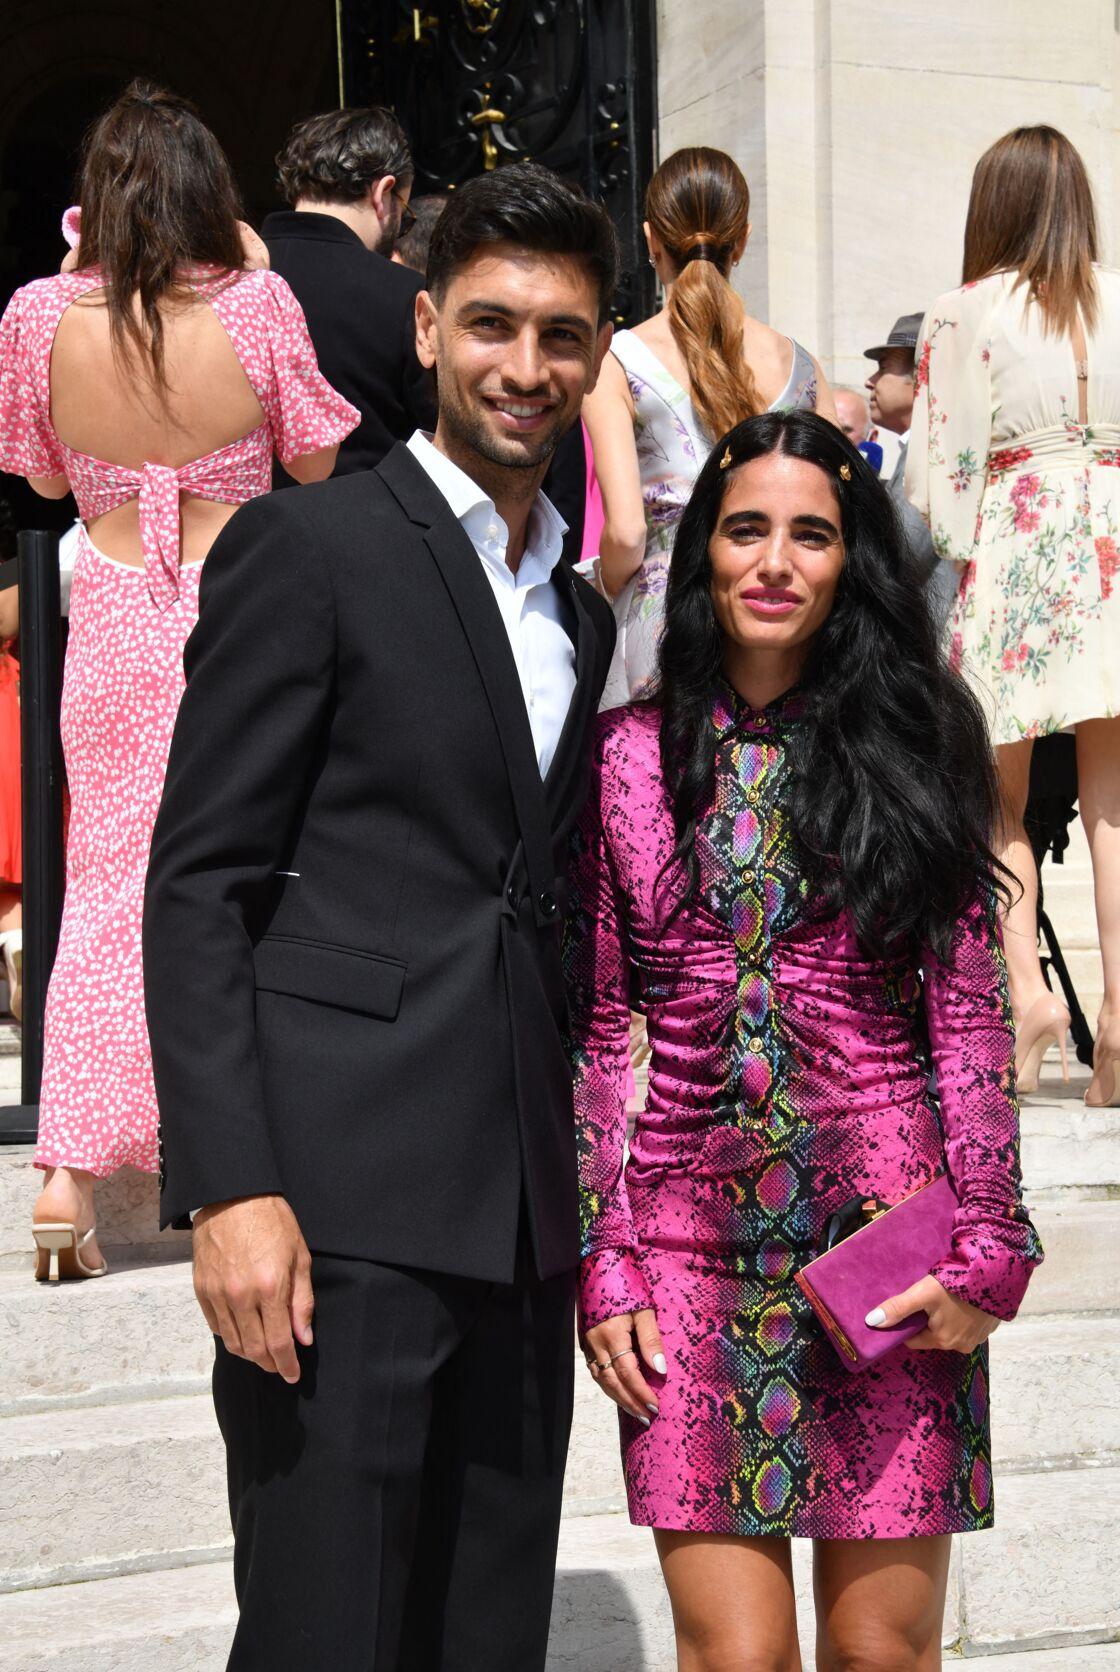 Javier Pastore et sa compagne Chiara Picone au mariage de Marco Verratti et Jessica Aidi, le 15 juillet 2021 à la mairie de Neuilly-sur-Seine